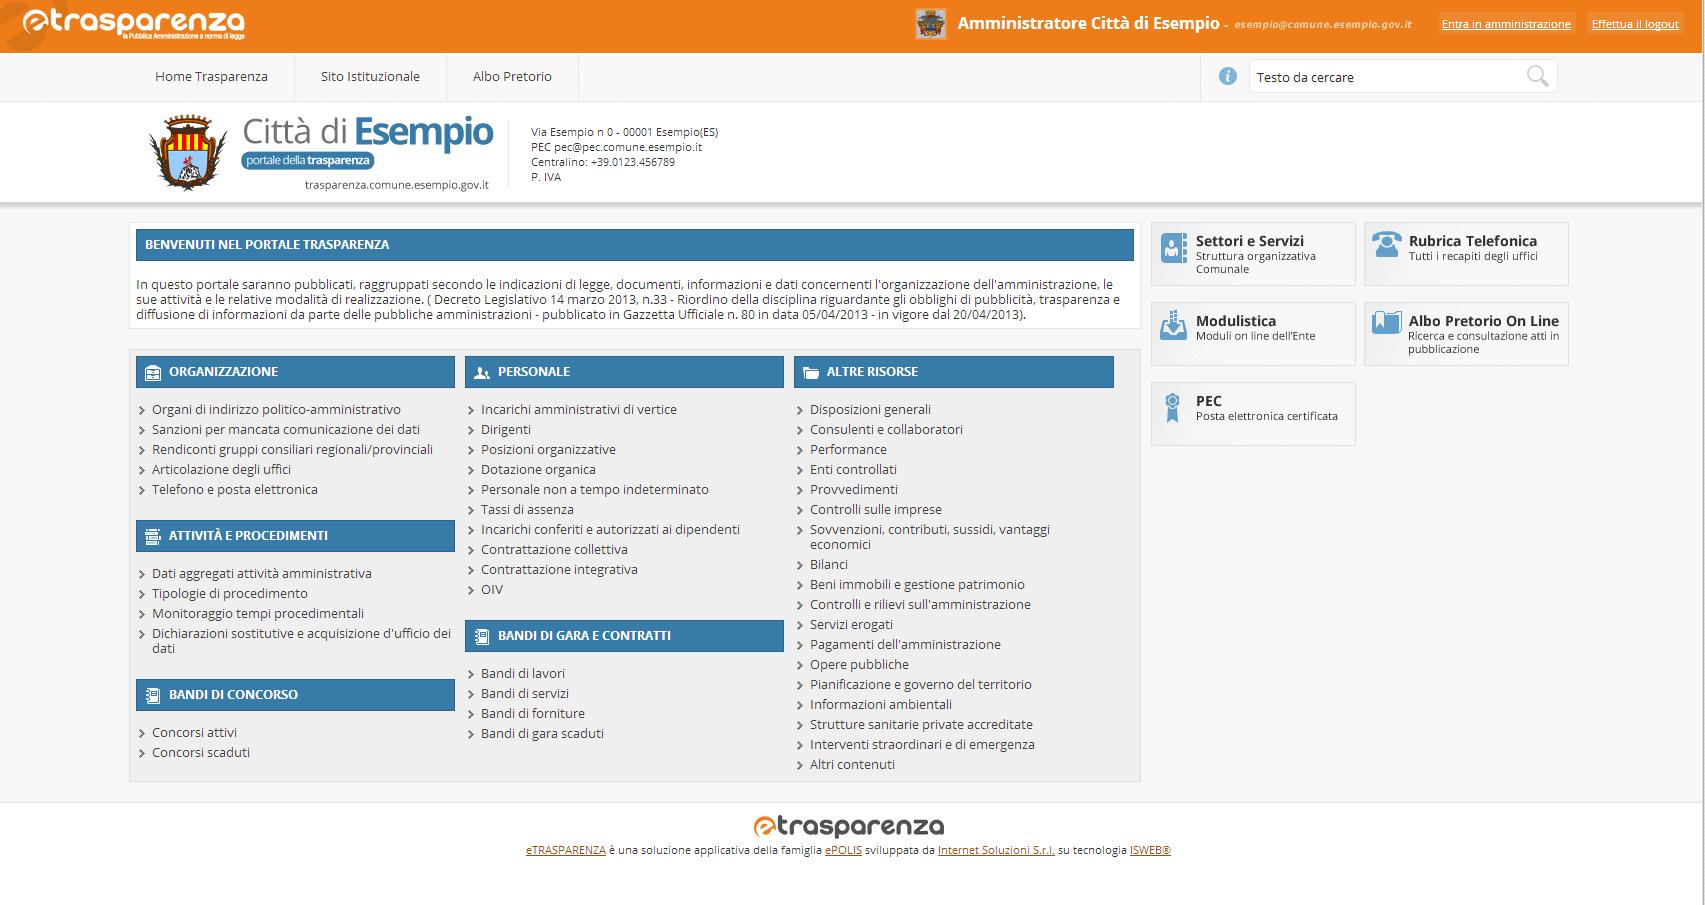 Amministrazione - Utente Redattore loggato sul Portale della Trasparenza